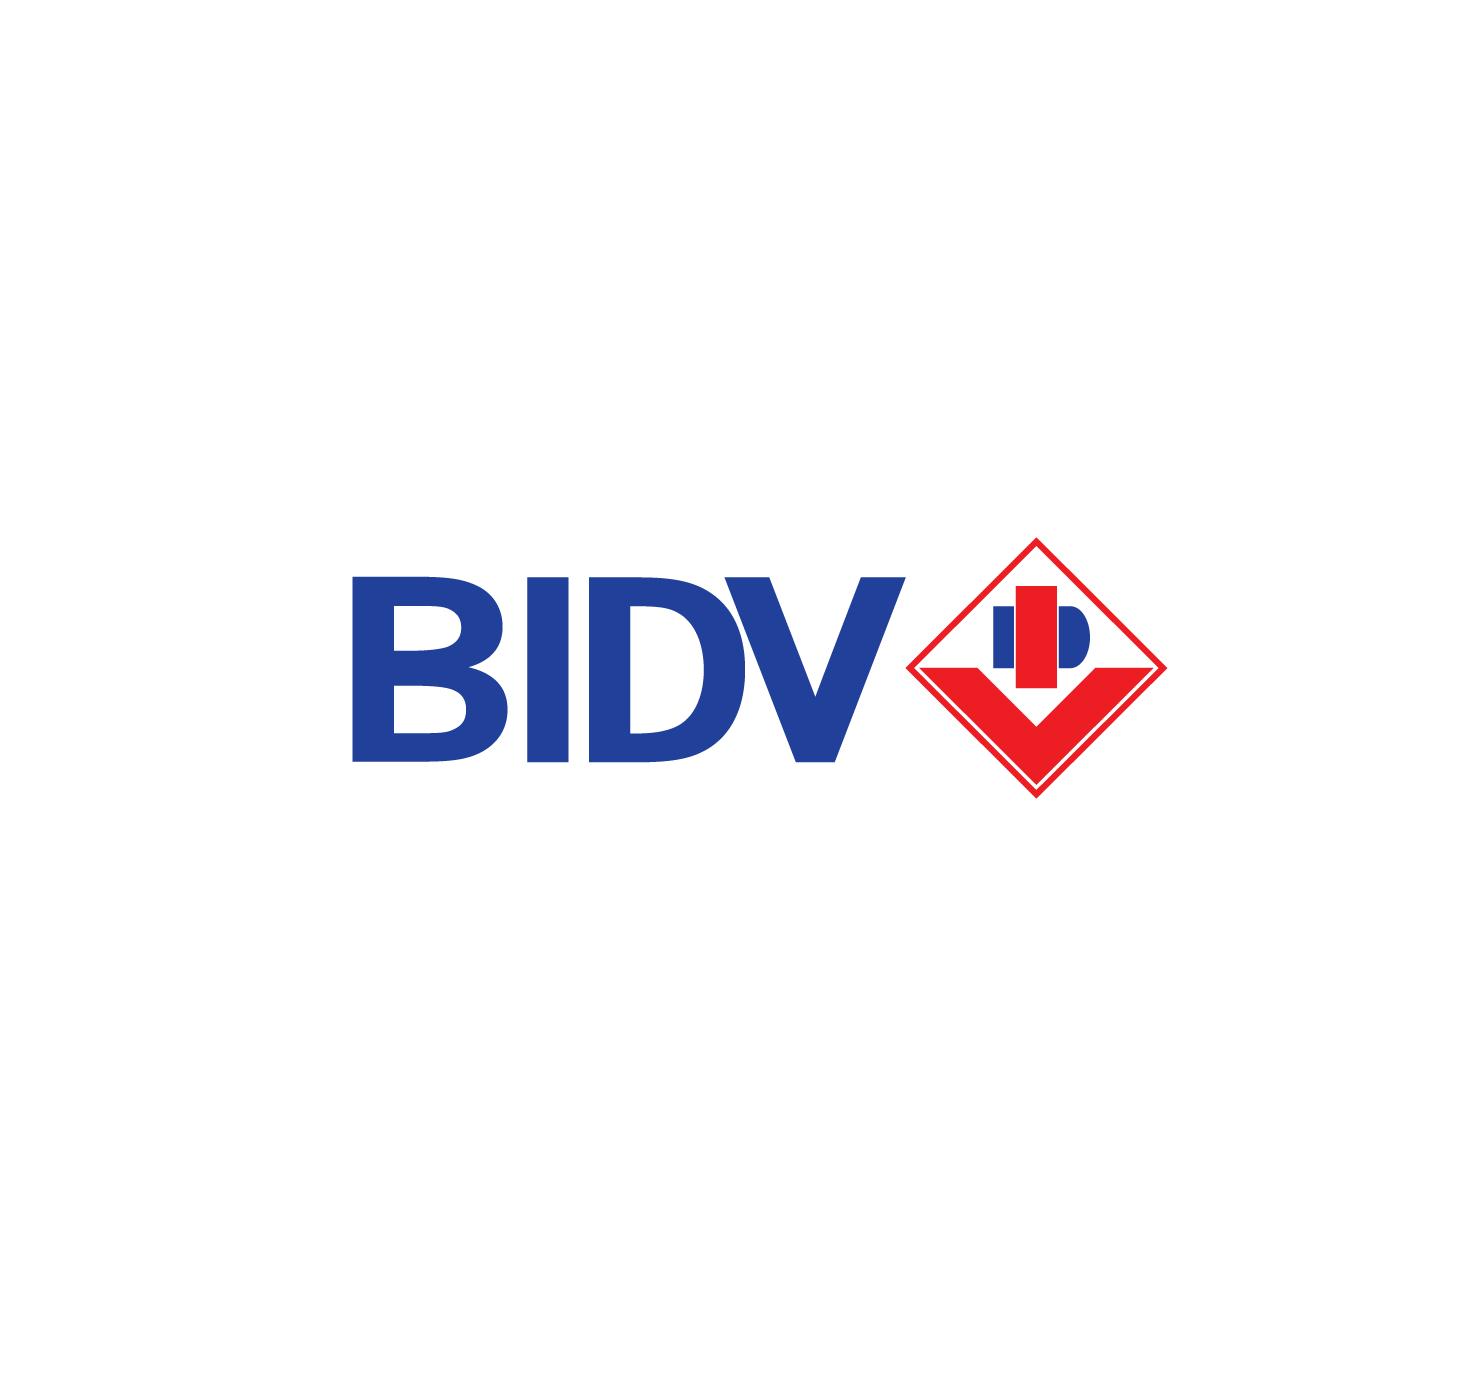 Khuyến nghị ngày 20/02: Ngân hàng Thương mại cổ phần Đầu tư và Phát triển Việt Nam (BID)